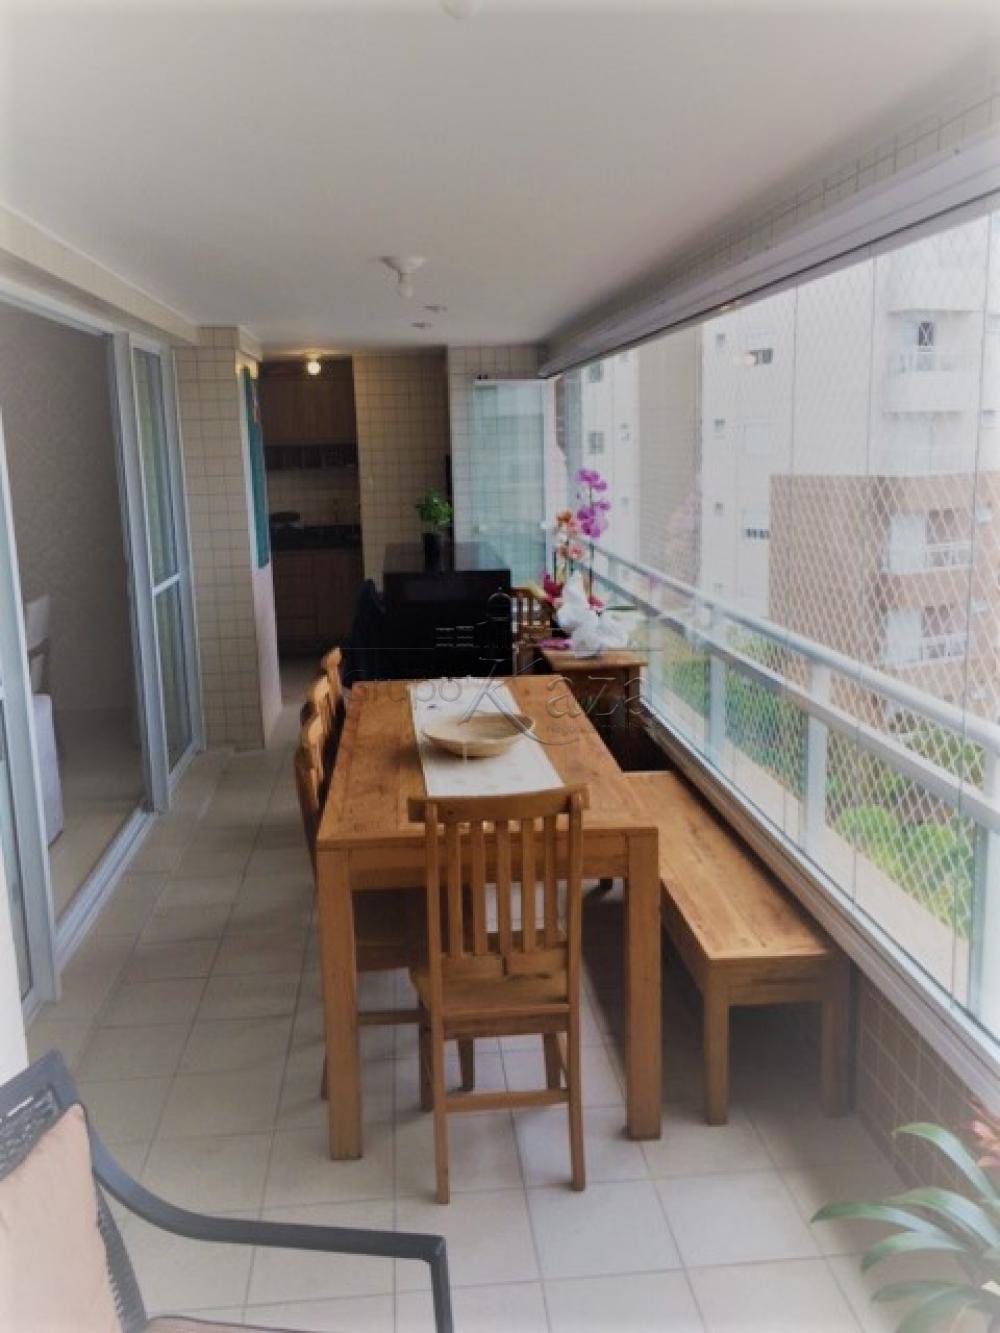 Sao Jose dos Campos Apartamento Venda R$800.000,00 Condominio R$800,00 4 Dormitorios 2 Suites Area construida 147.00m2